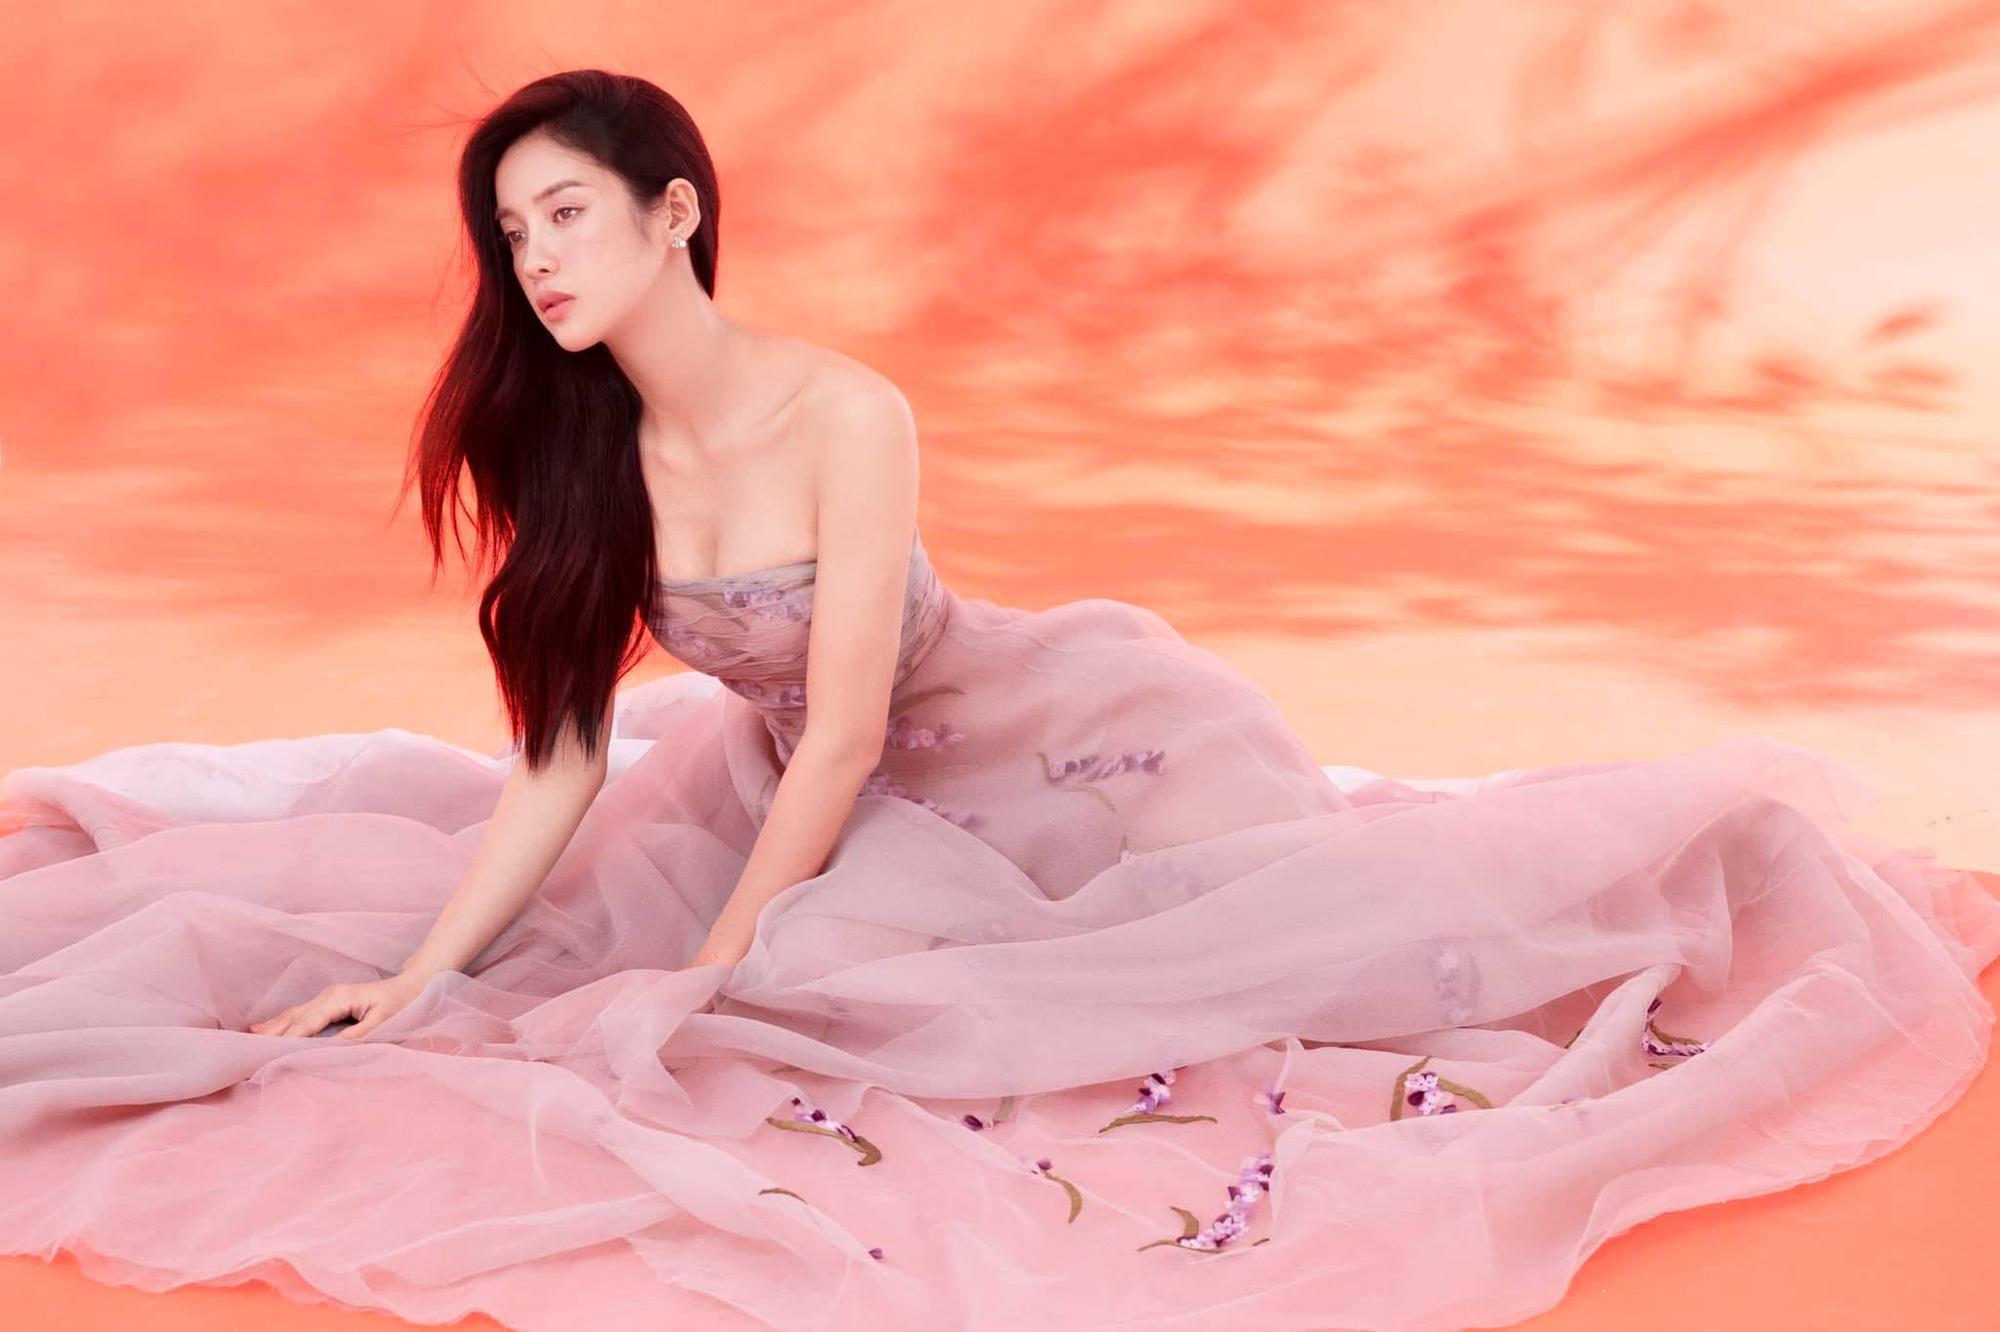 """HOT showbiz: Bất ngờ mỹ nhân đóng vai Thúy Kiều bị """"đào lại"""" quá khứ là """"đối thủ"""" với Hoa hậu H'Hen Niê? - Ảnh 4."""